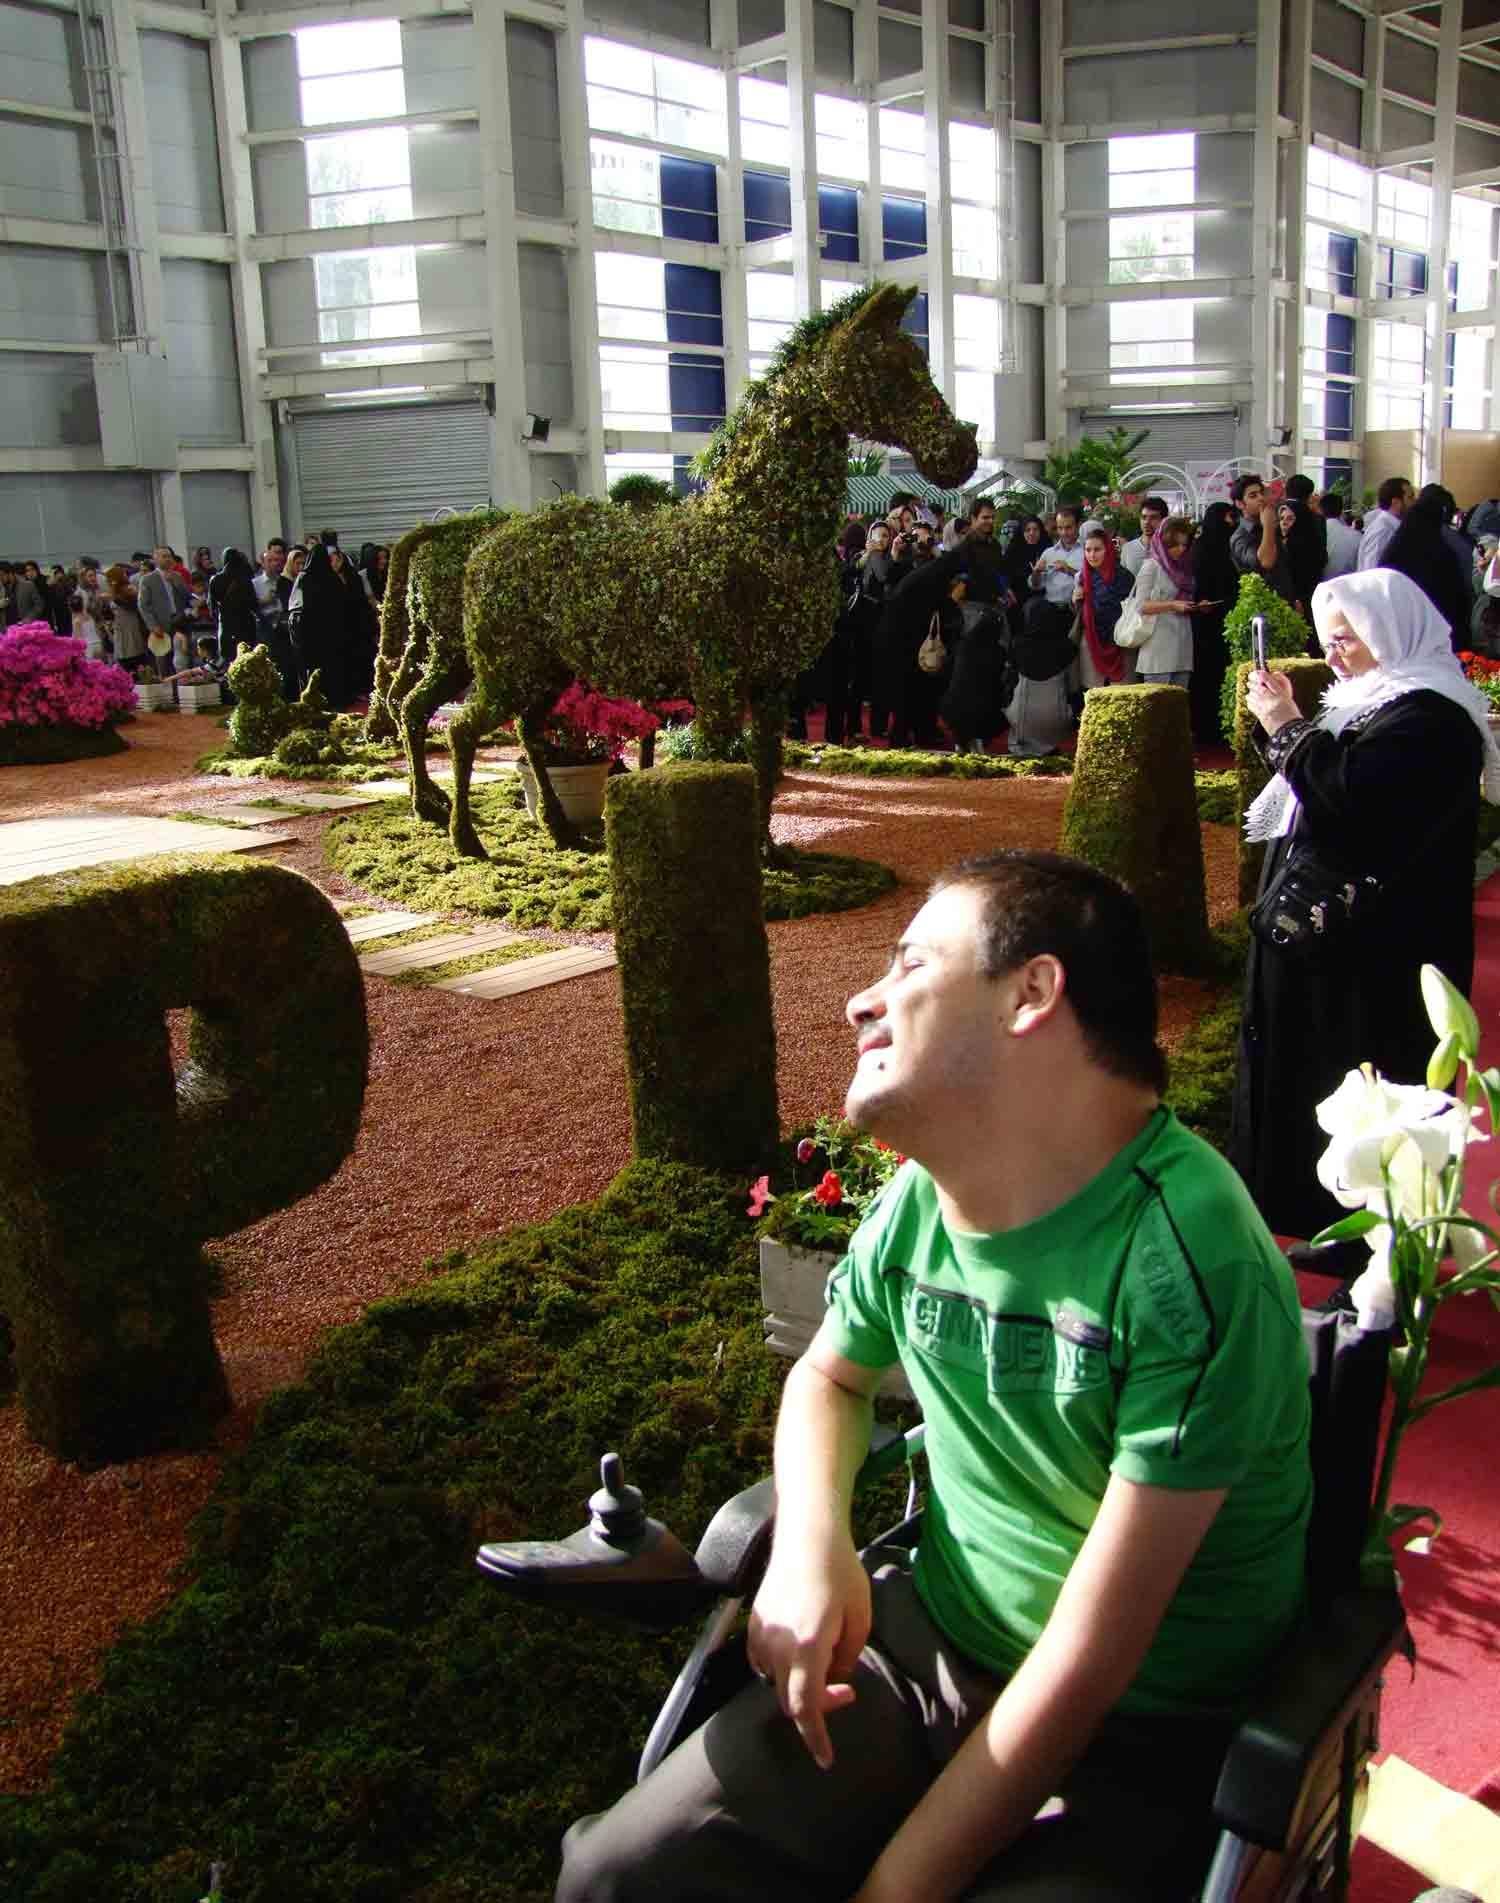 گزارش تصویری از نمایشگاه گل و گیاه